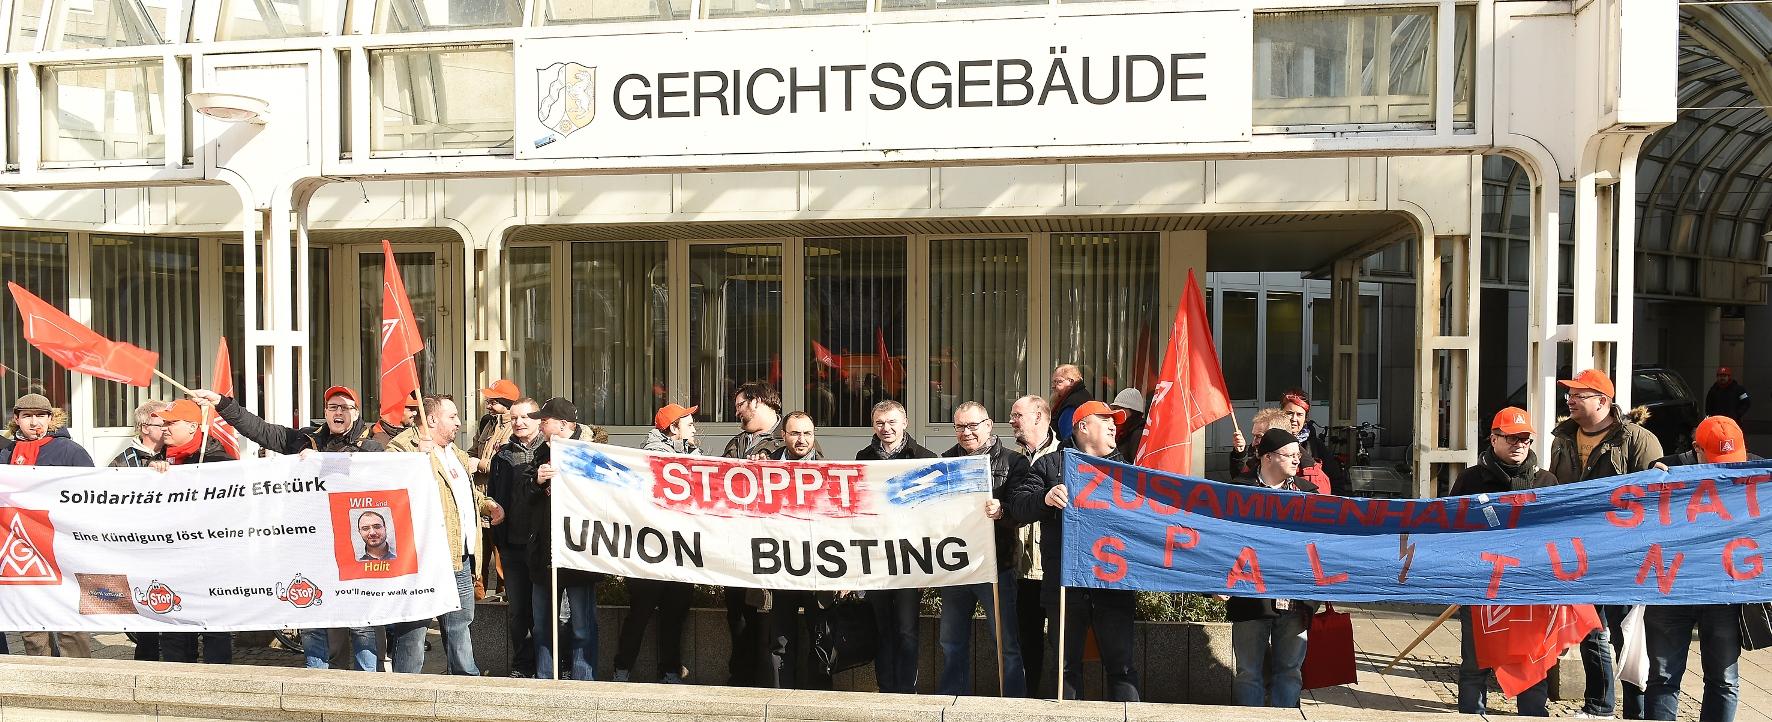 Kündigung Von Efetürk Abgelehnt Stellungnahme Zu Den Plänen Des